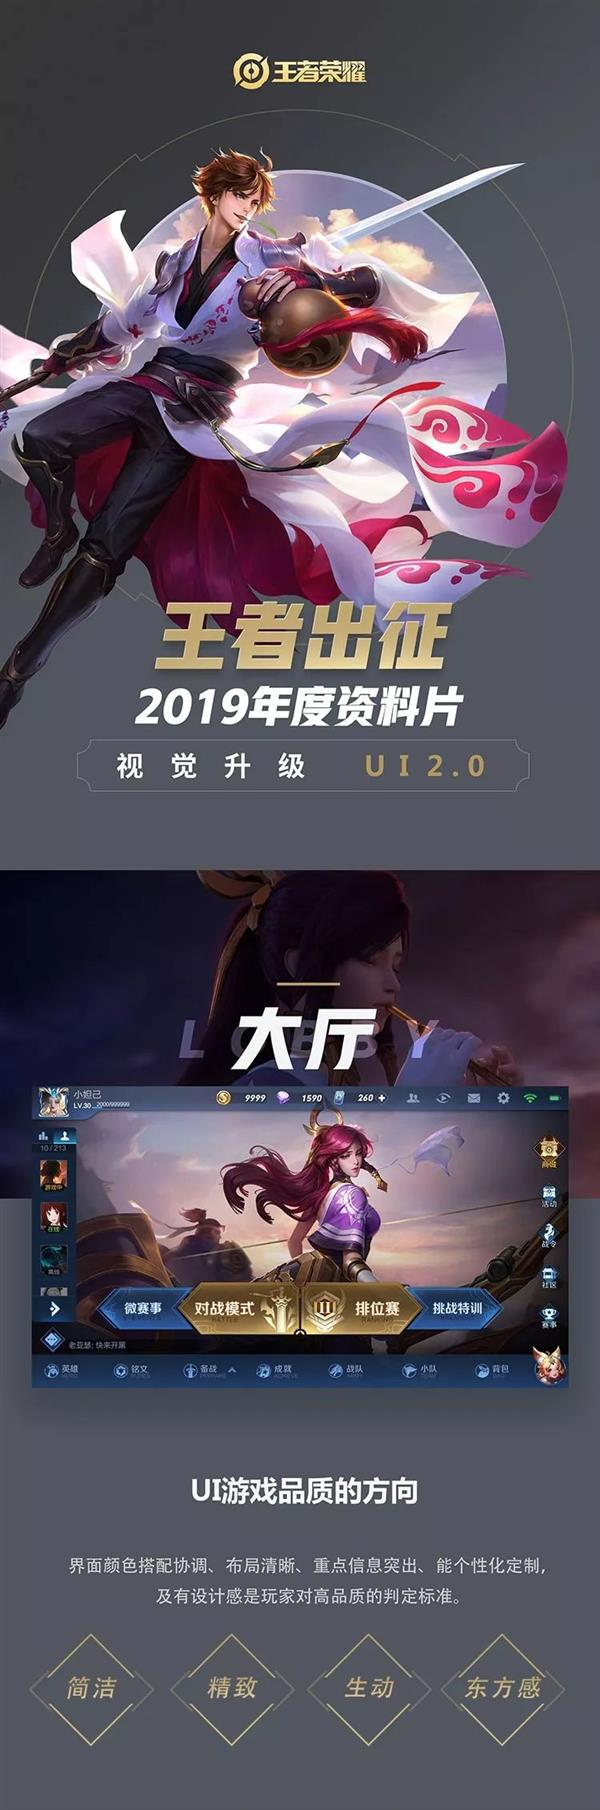 《王者榮耀》UI 2.0官方爆料:扁平卡片化